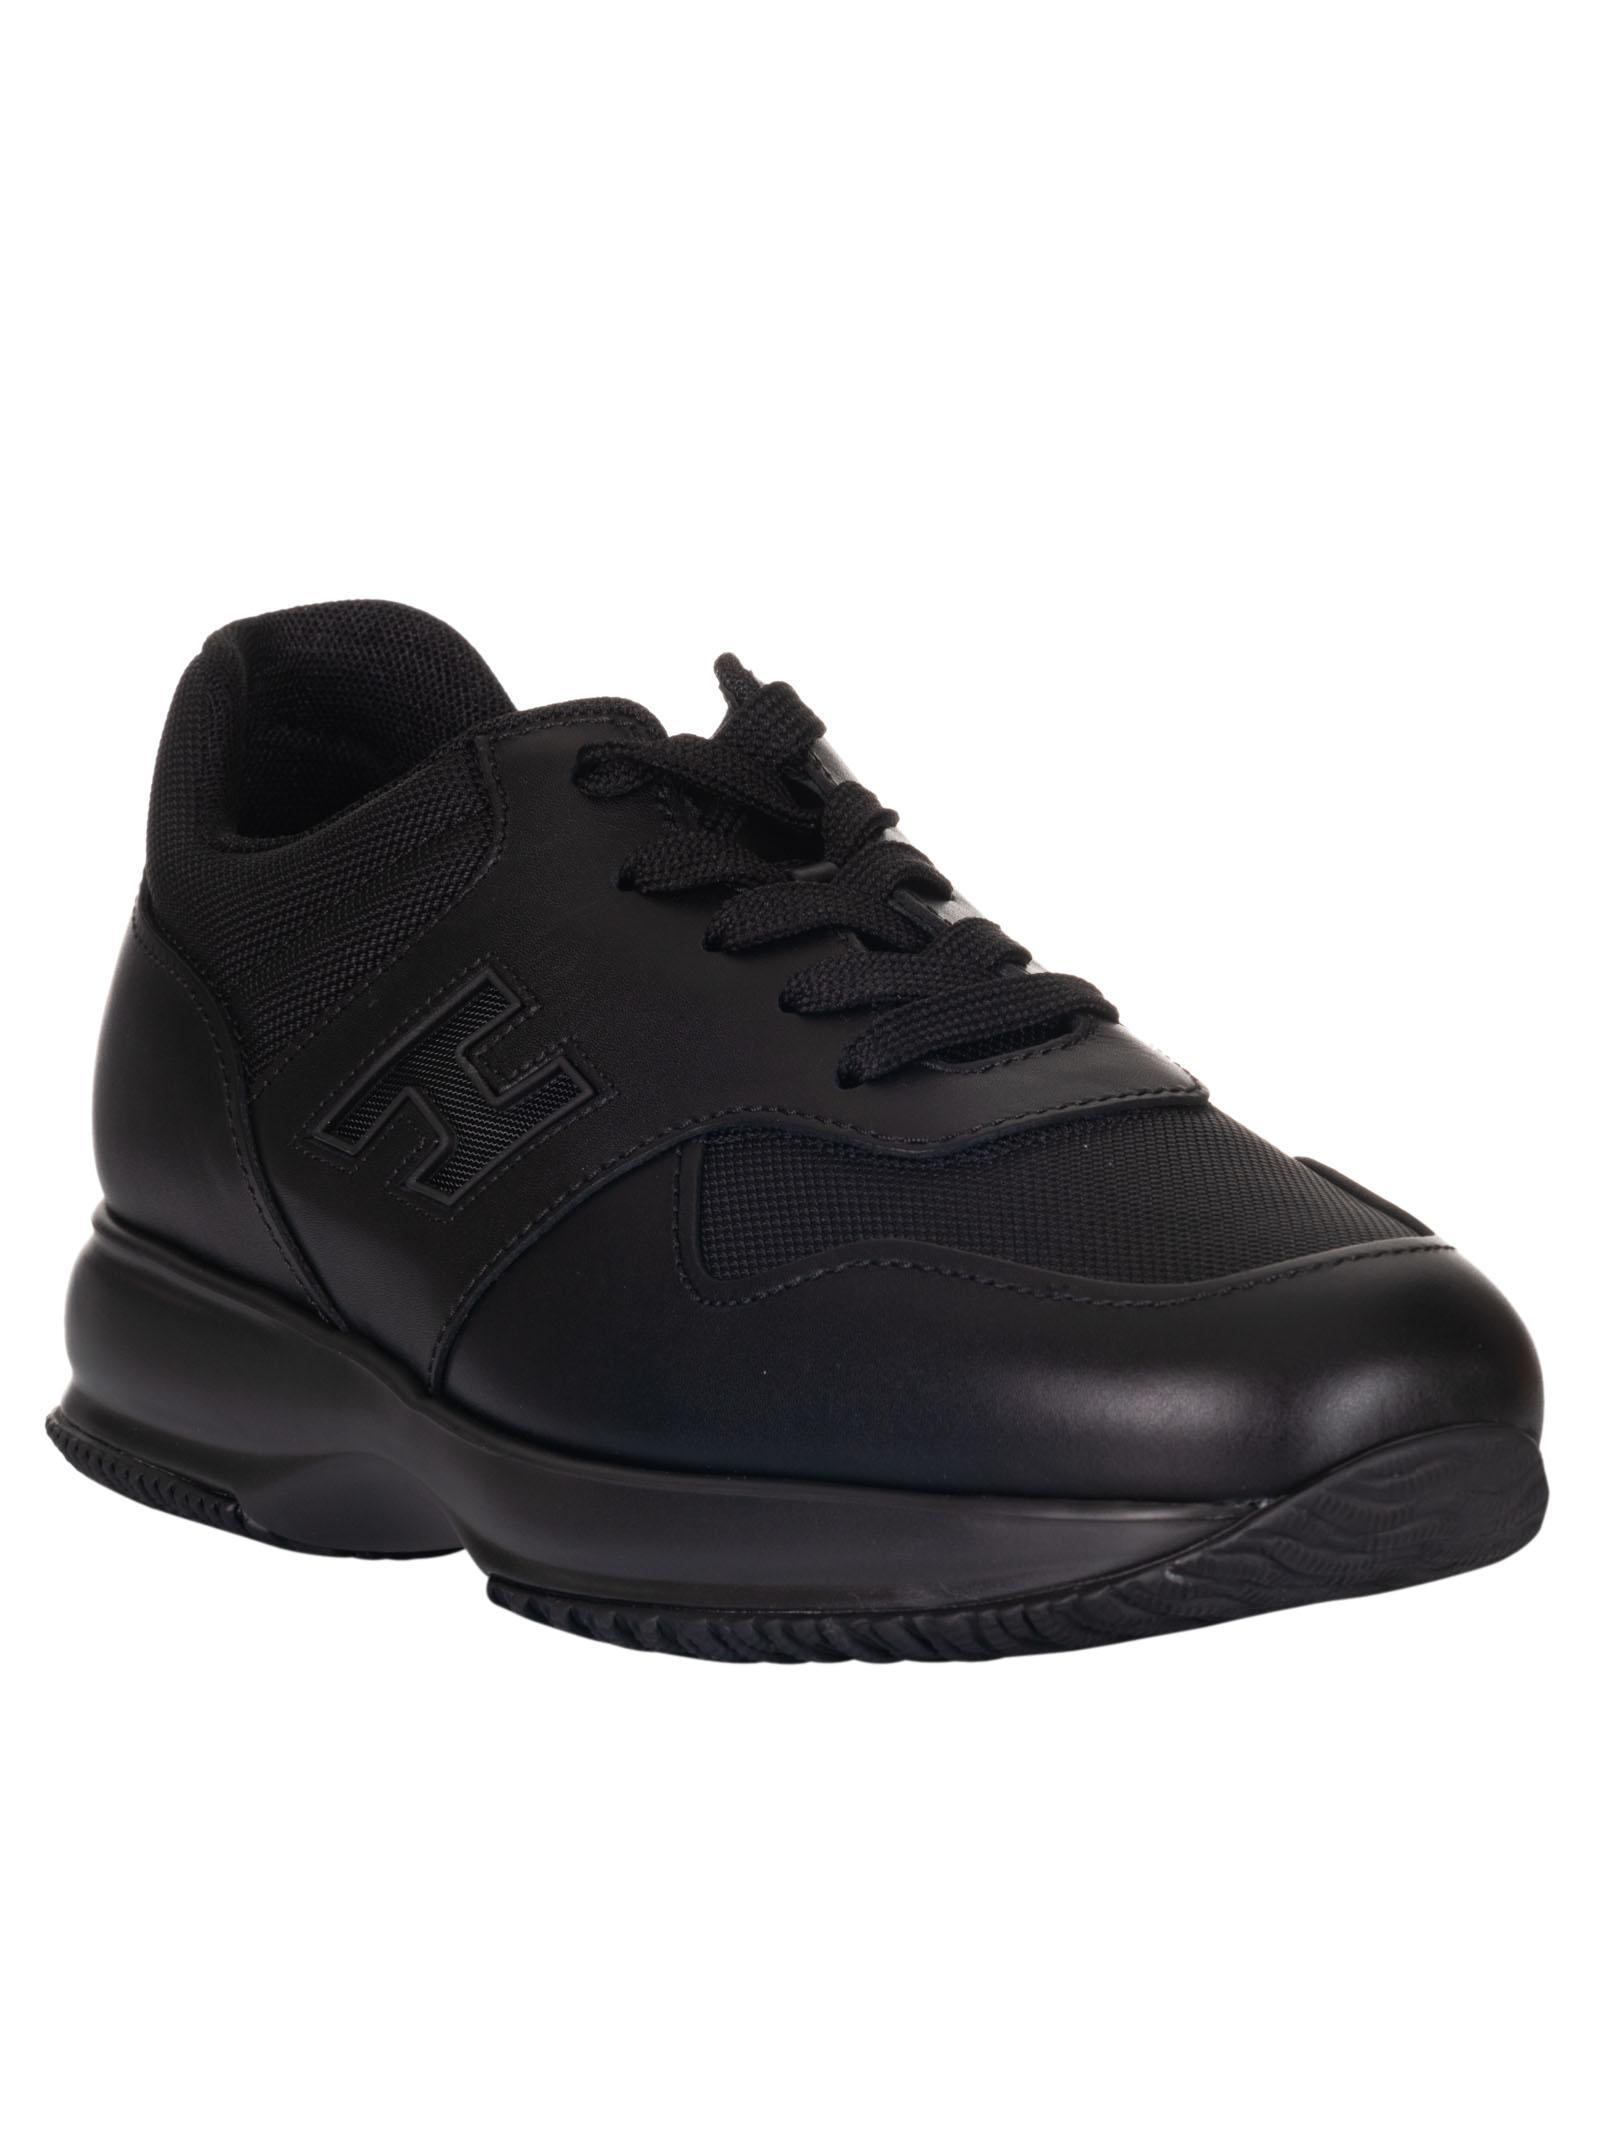 d746fc60868e Lyst - Hogan Shoes in Black for Men